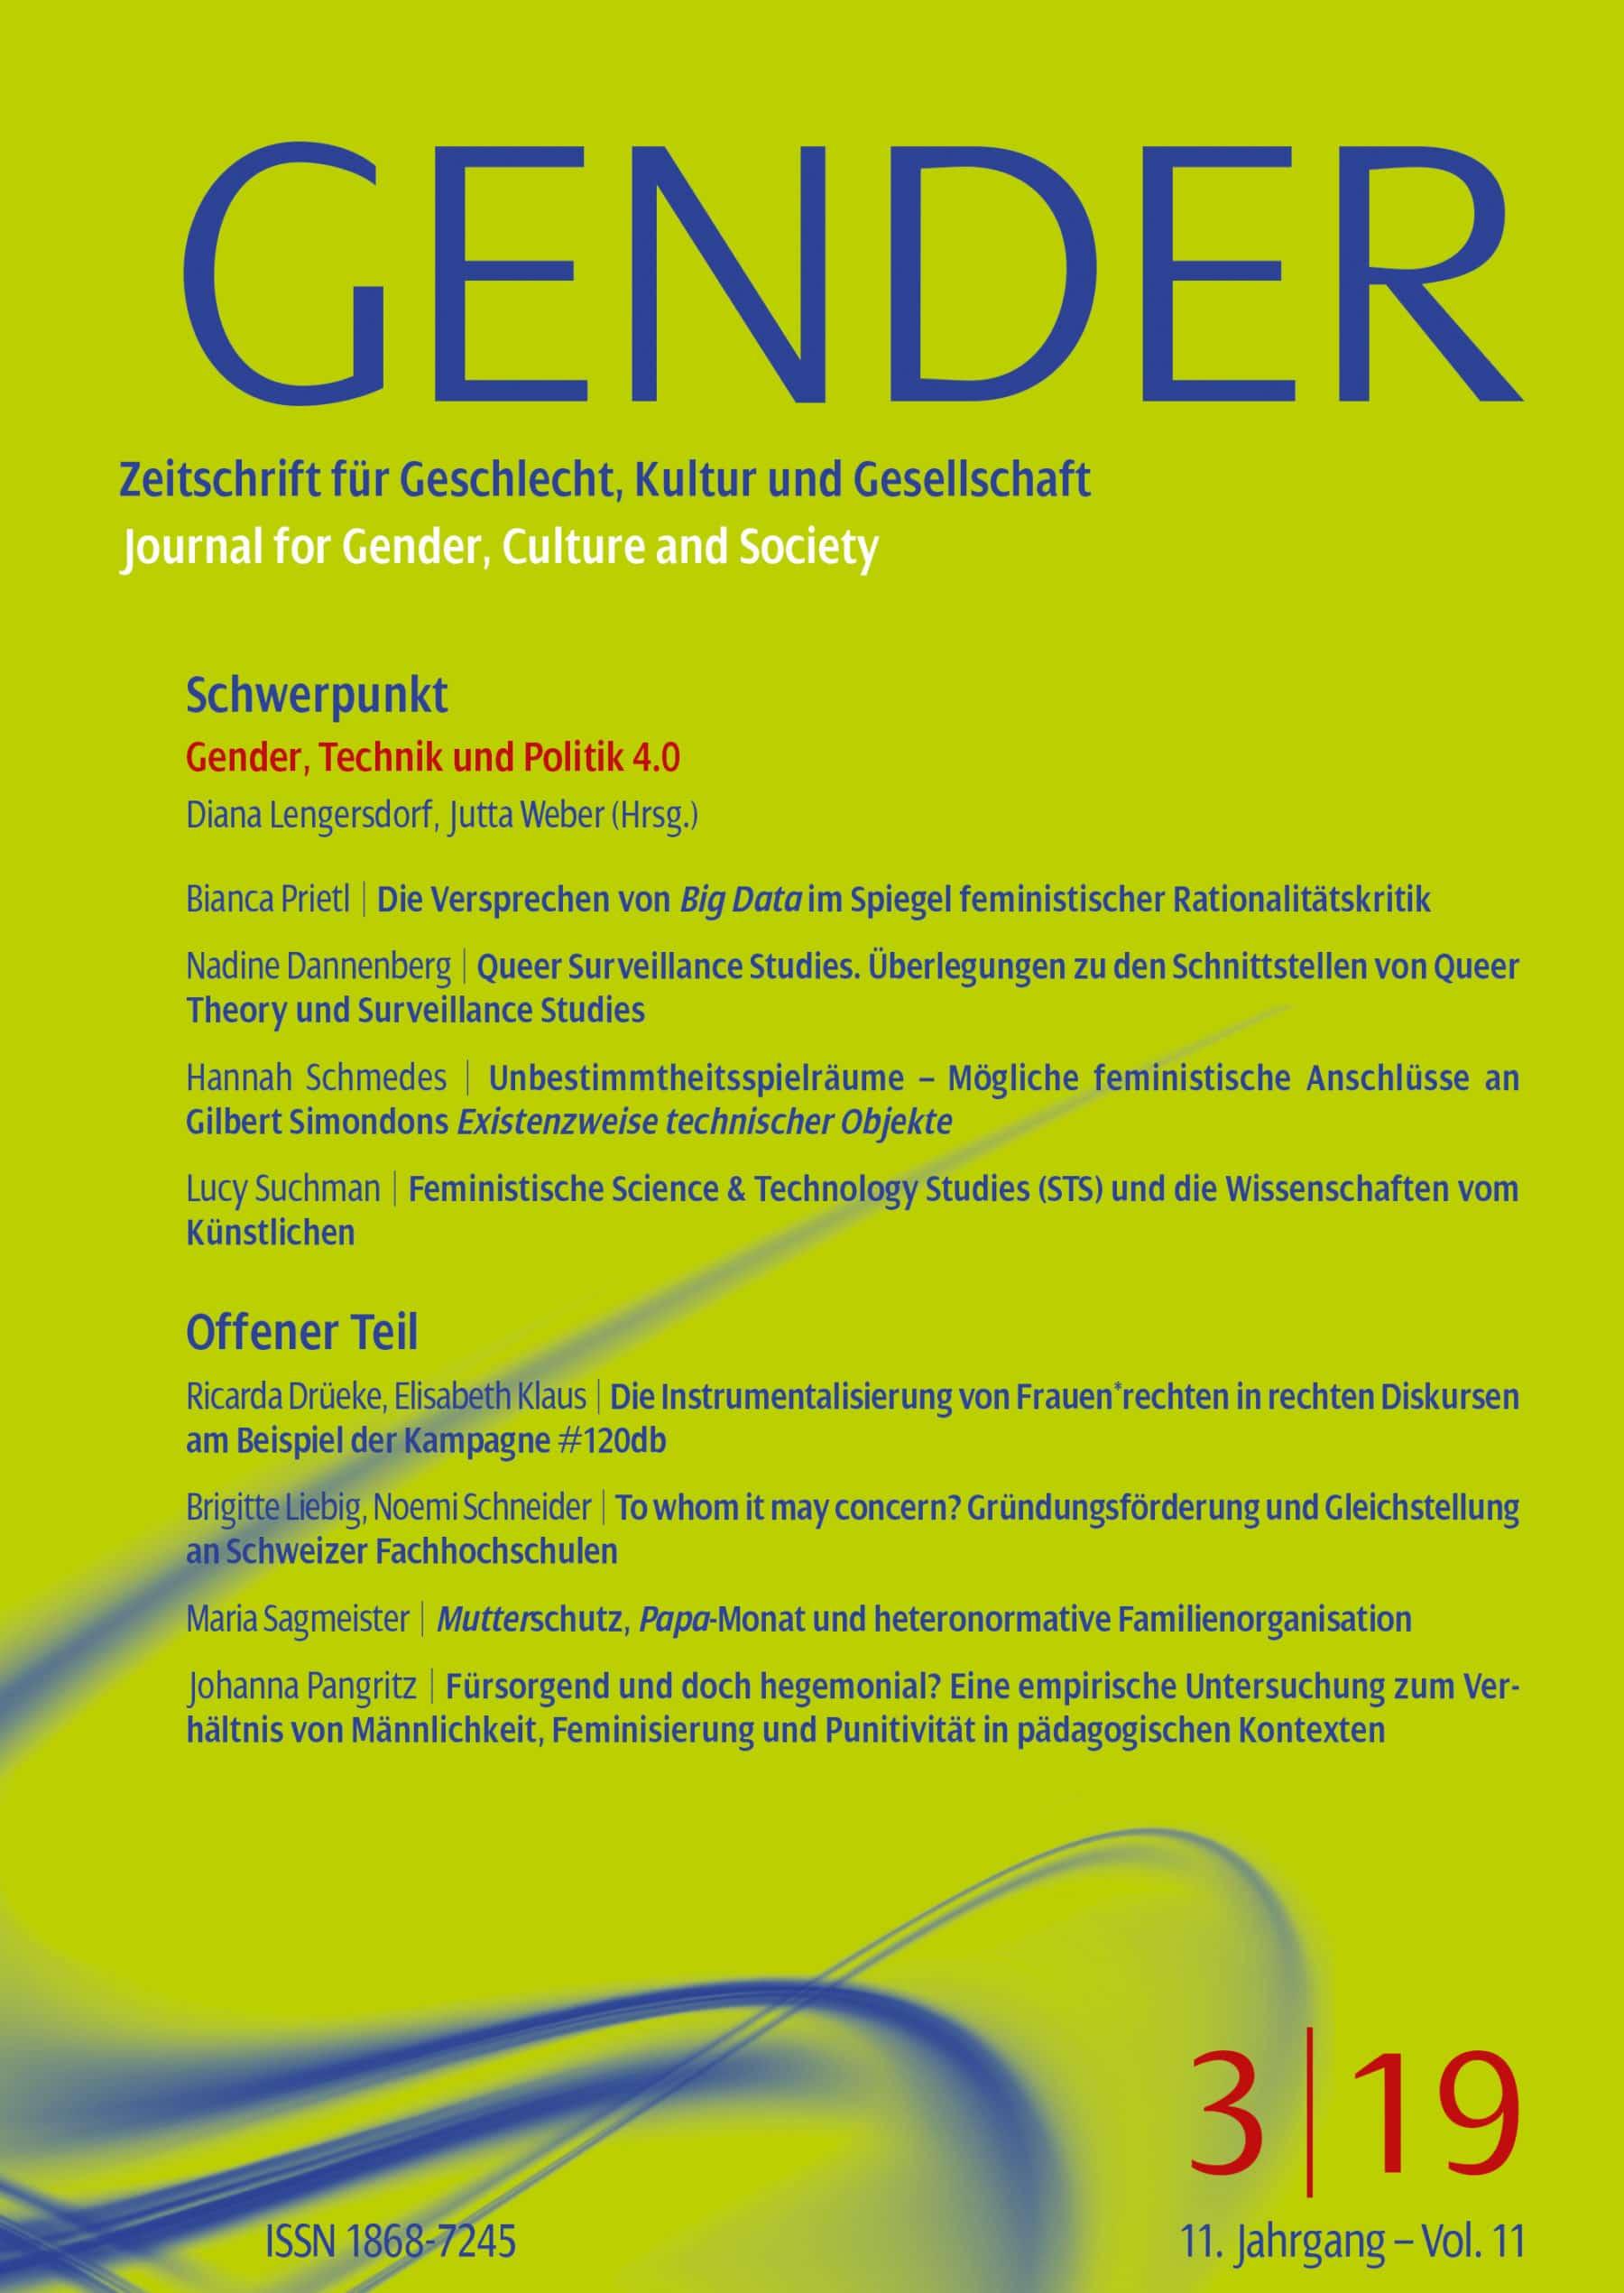 GENDER – Zeitschrift für Geschlecht, Kultur und Gesellschaft 3-2019: Gender, Technik und Politik 4.0